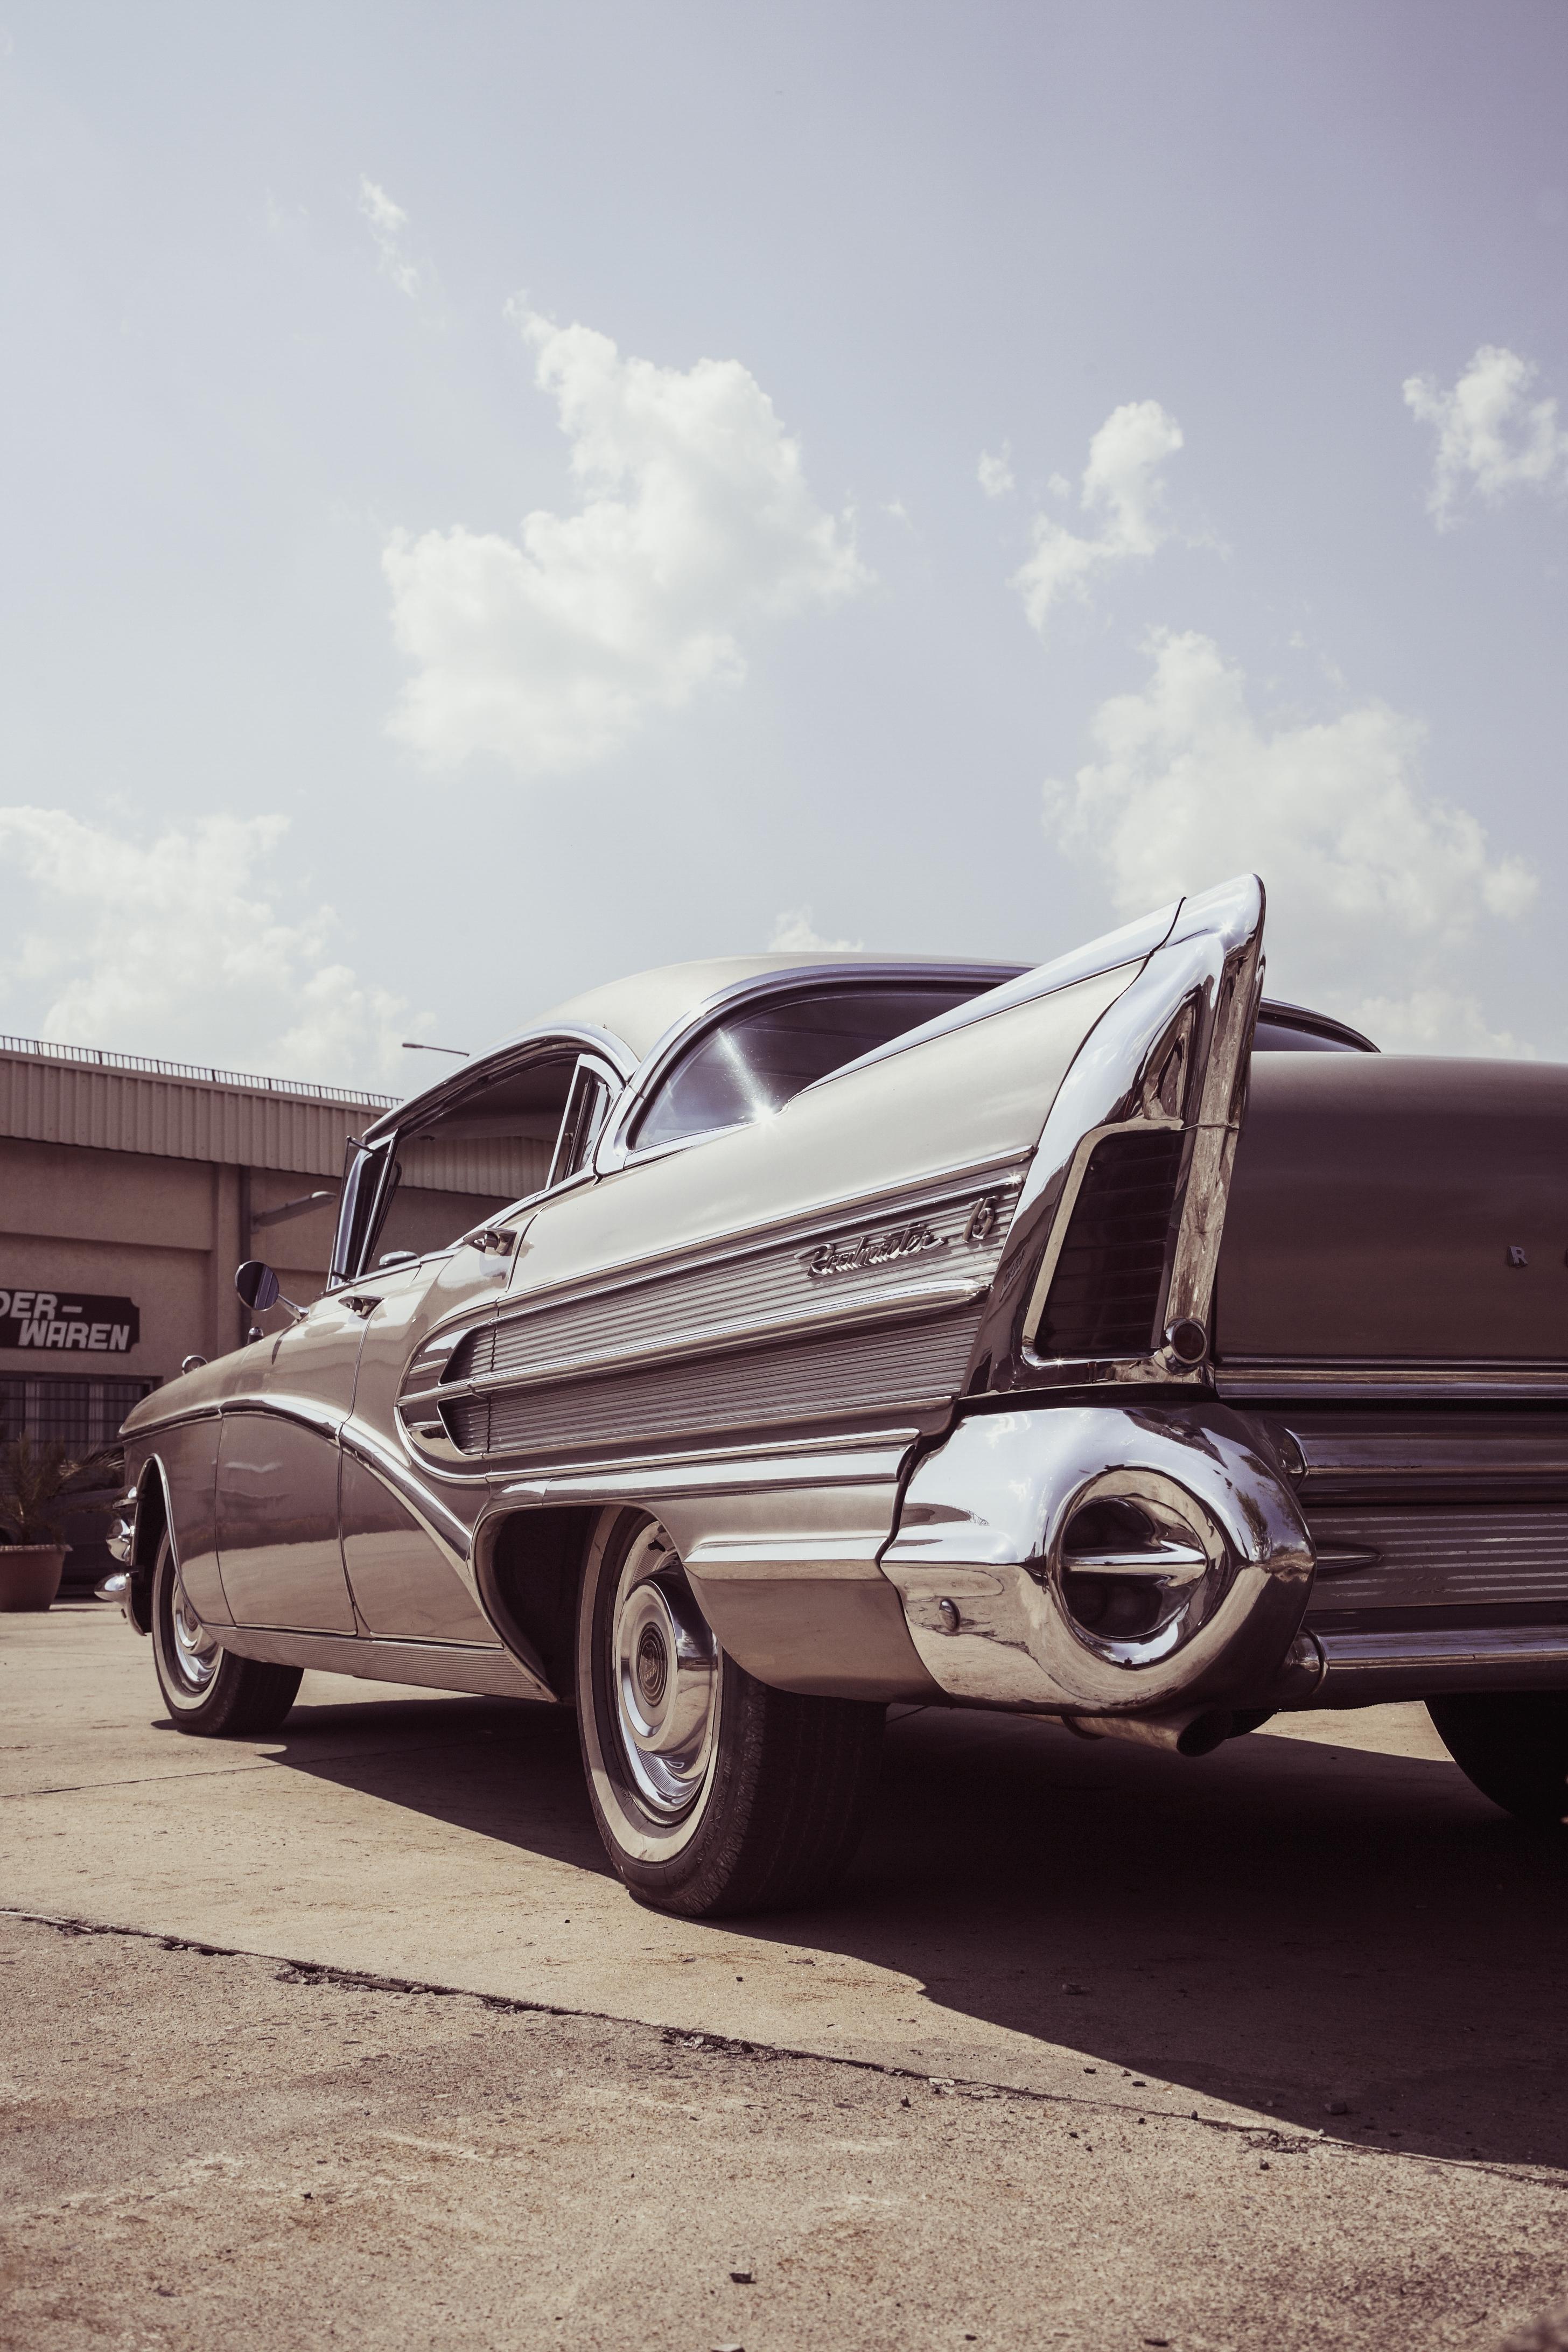 Gray Car · Free Stock Photo